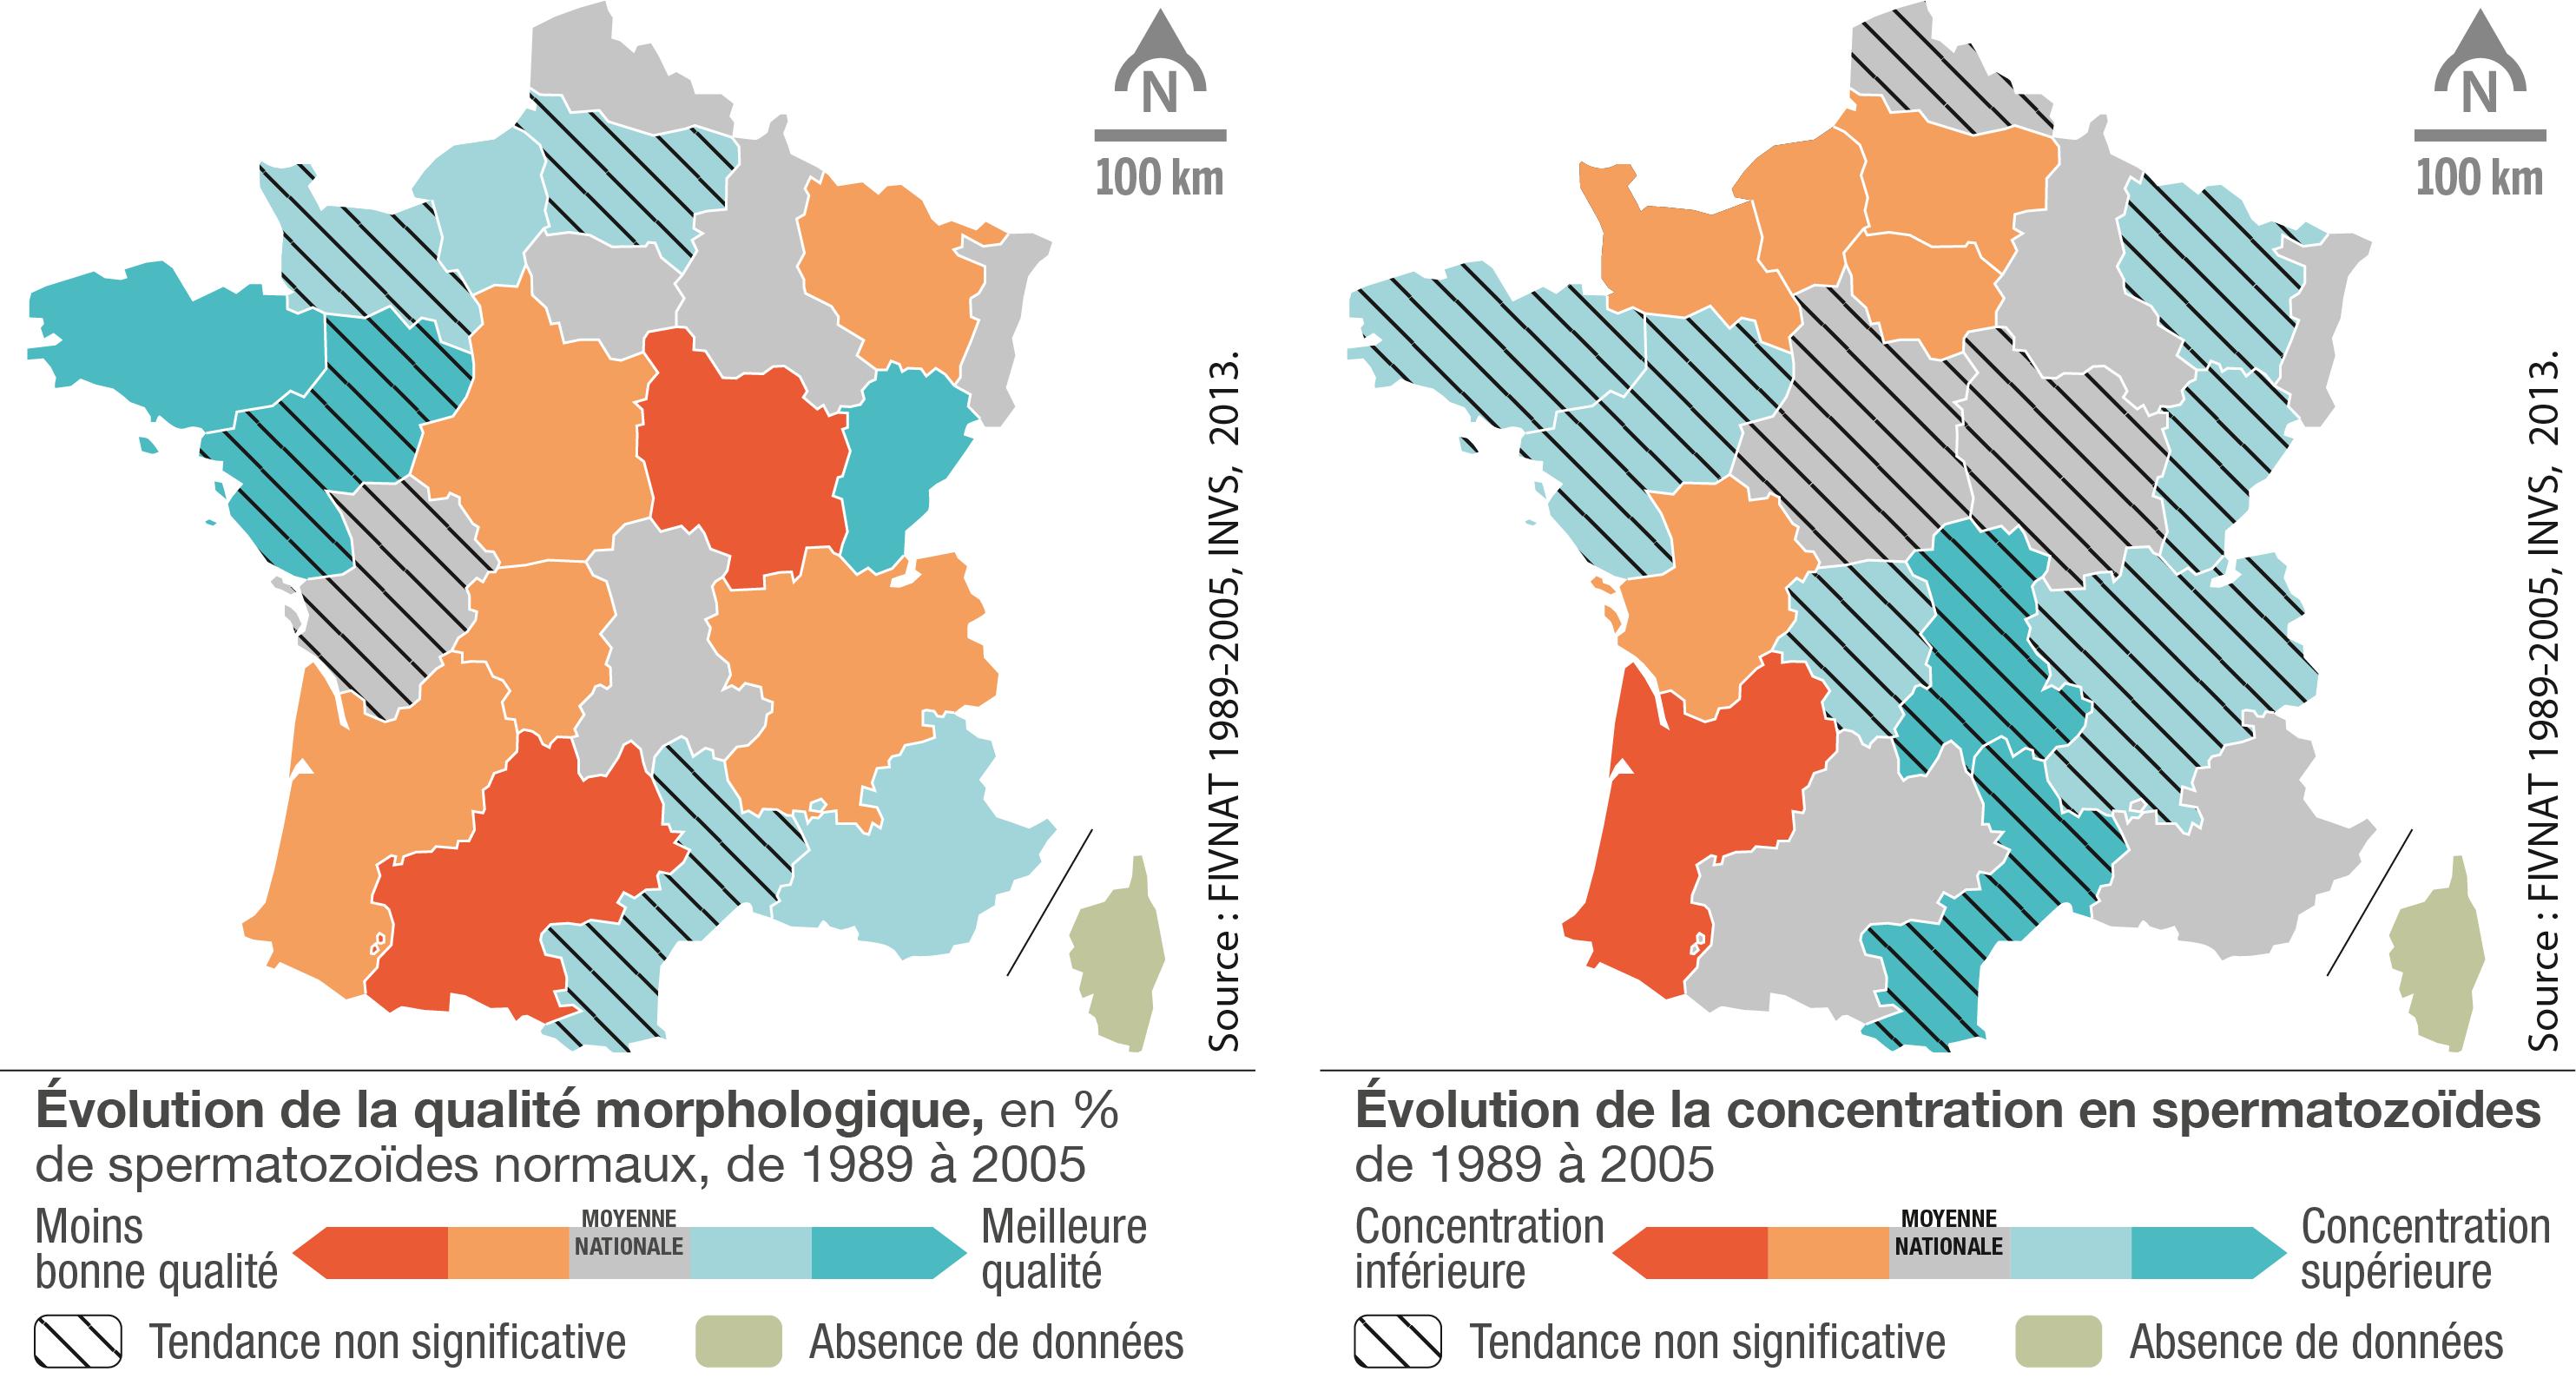 Les modifications de la qualité du sperme en France entre 1989 et 2005.